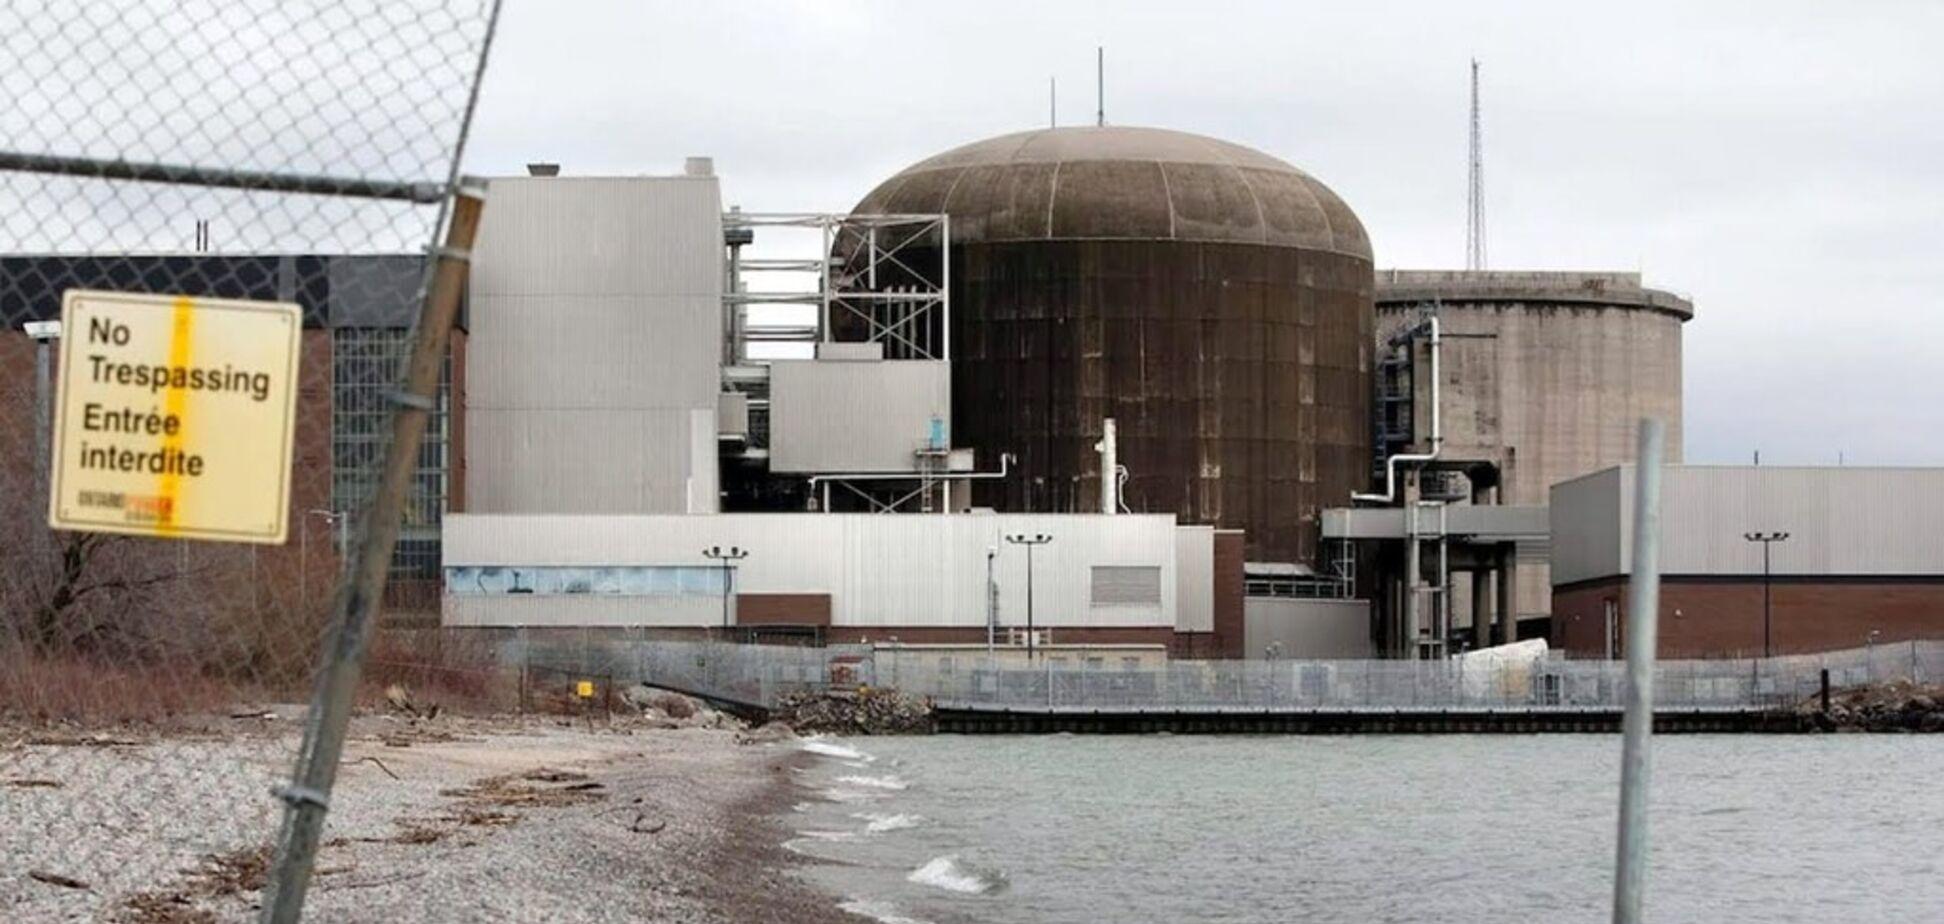 Жители Канады получили сообщение об аварии на АЭС